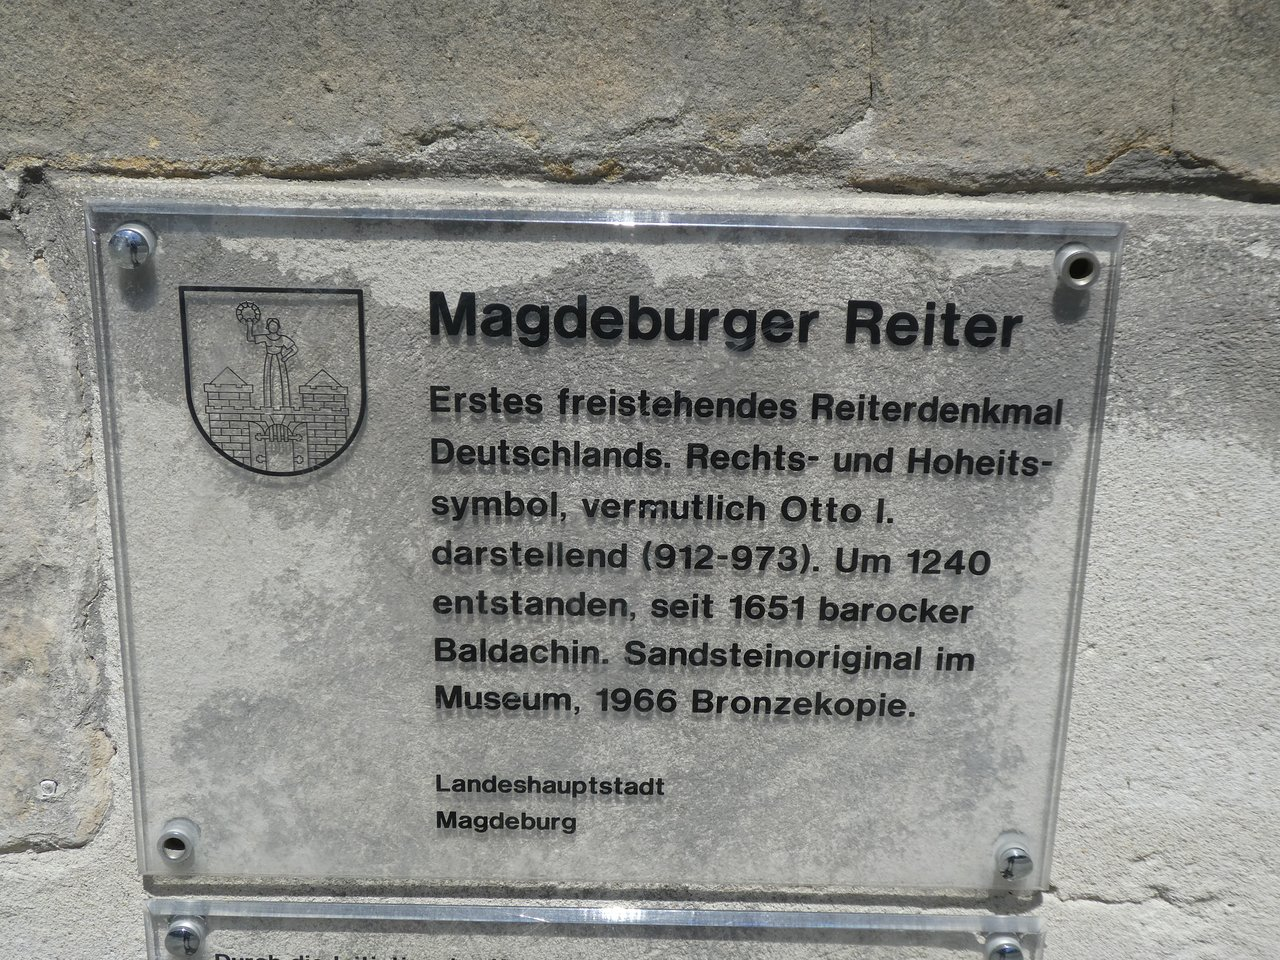 Schlampe aus Magdeburg (ST, Landeshauptstadt)